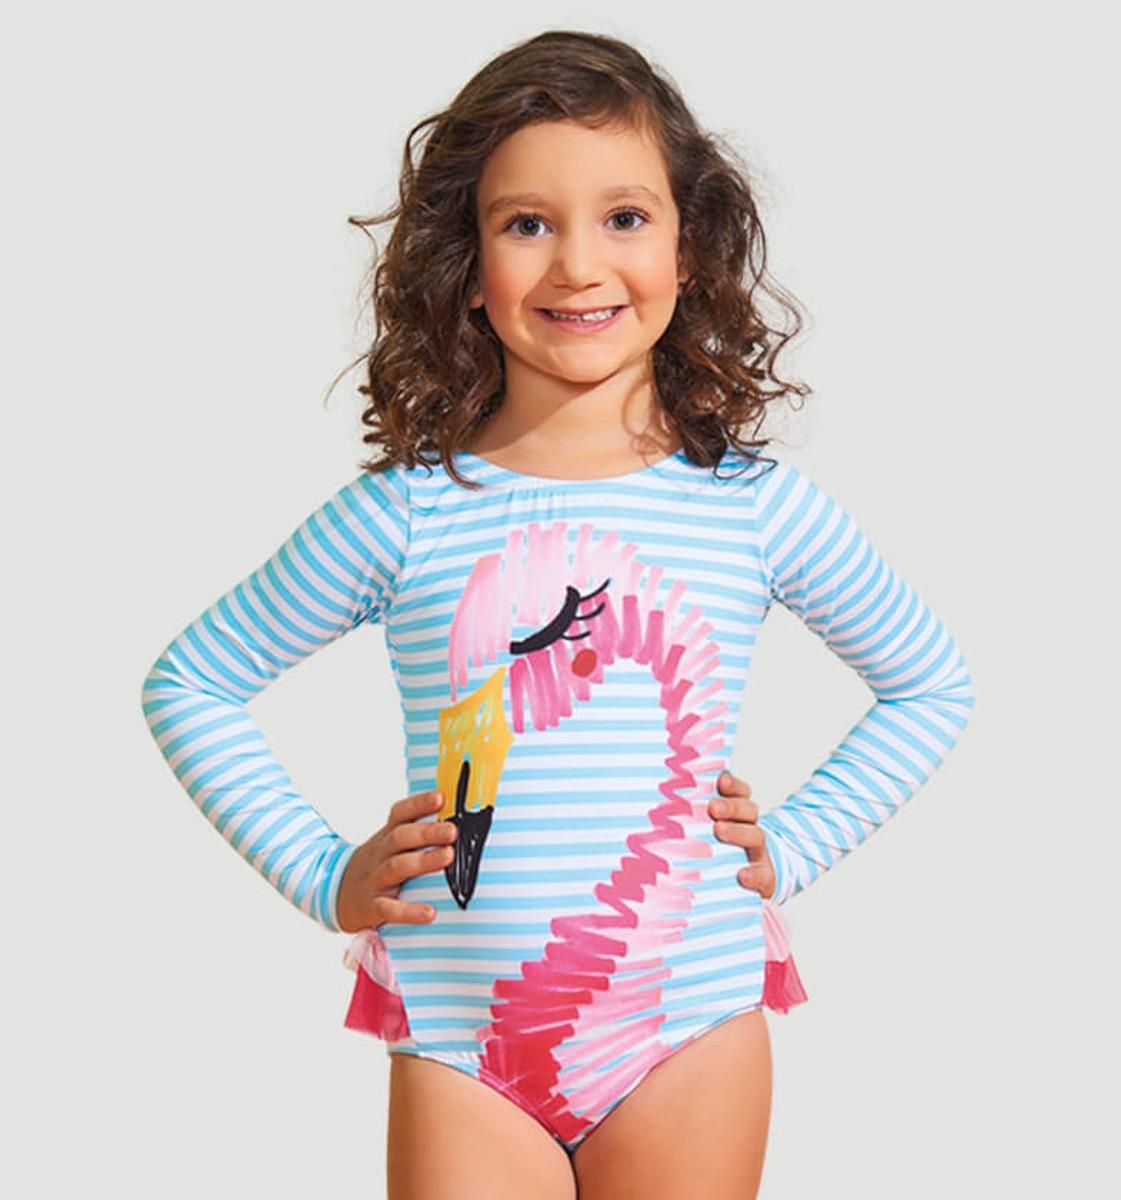 3ca95723af067 uvline maiô flamingo ml infantil estampa proteção solar. Carregando zoom.